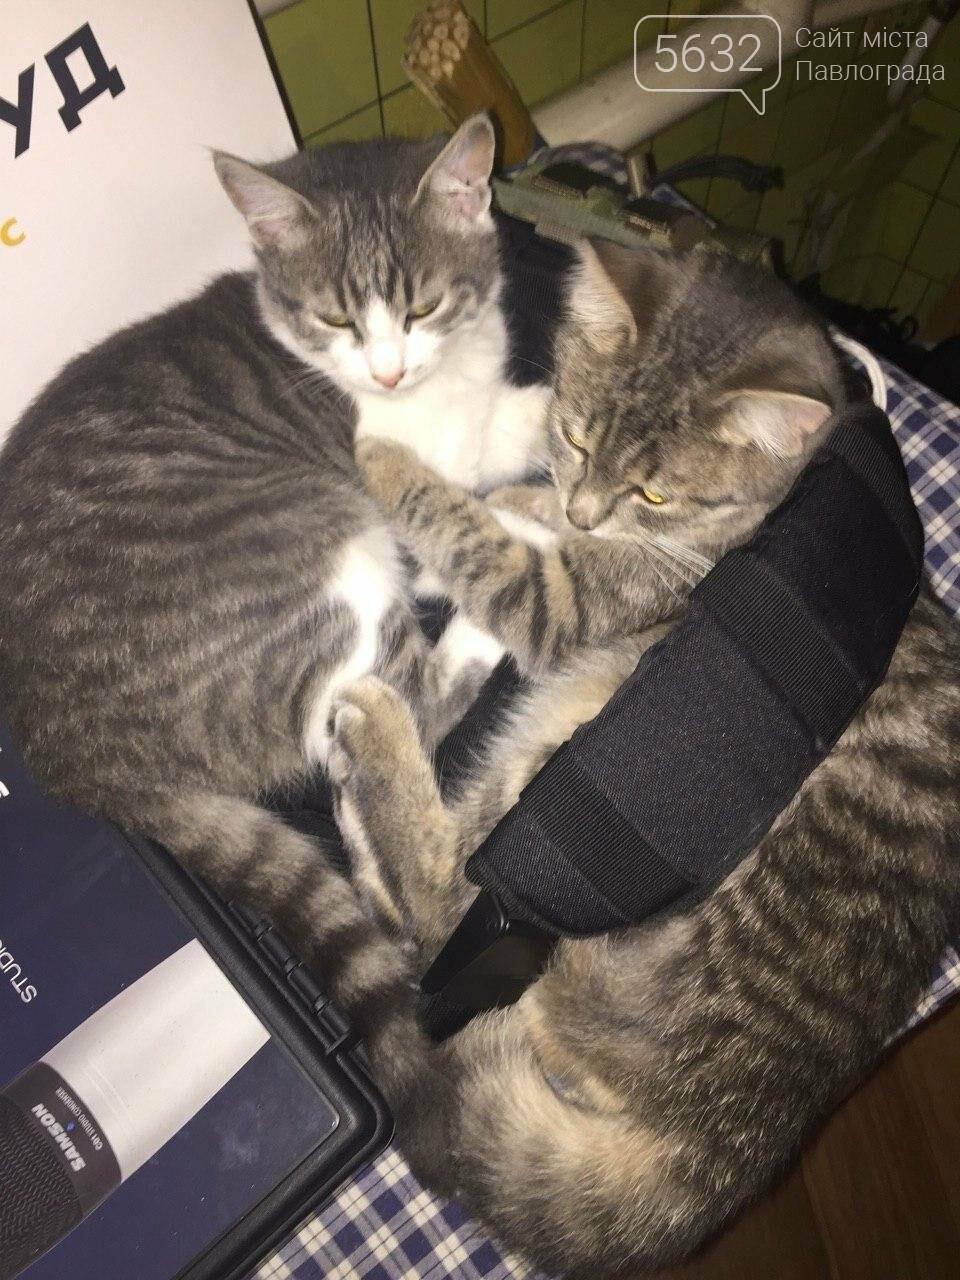 Завтра Всемирный день кошек! А ты празднуешь? , фото-4